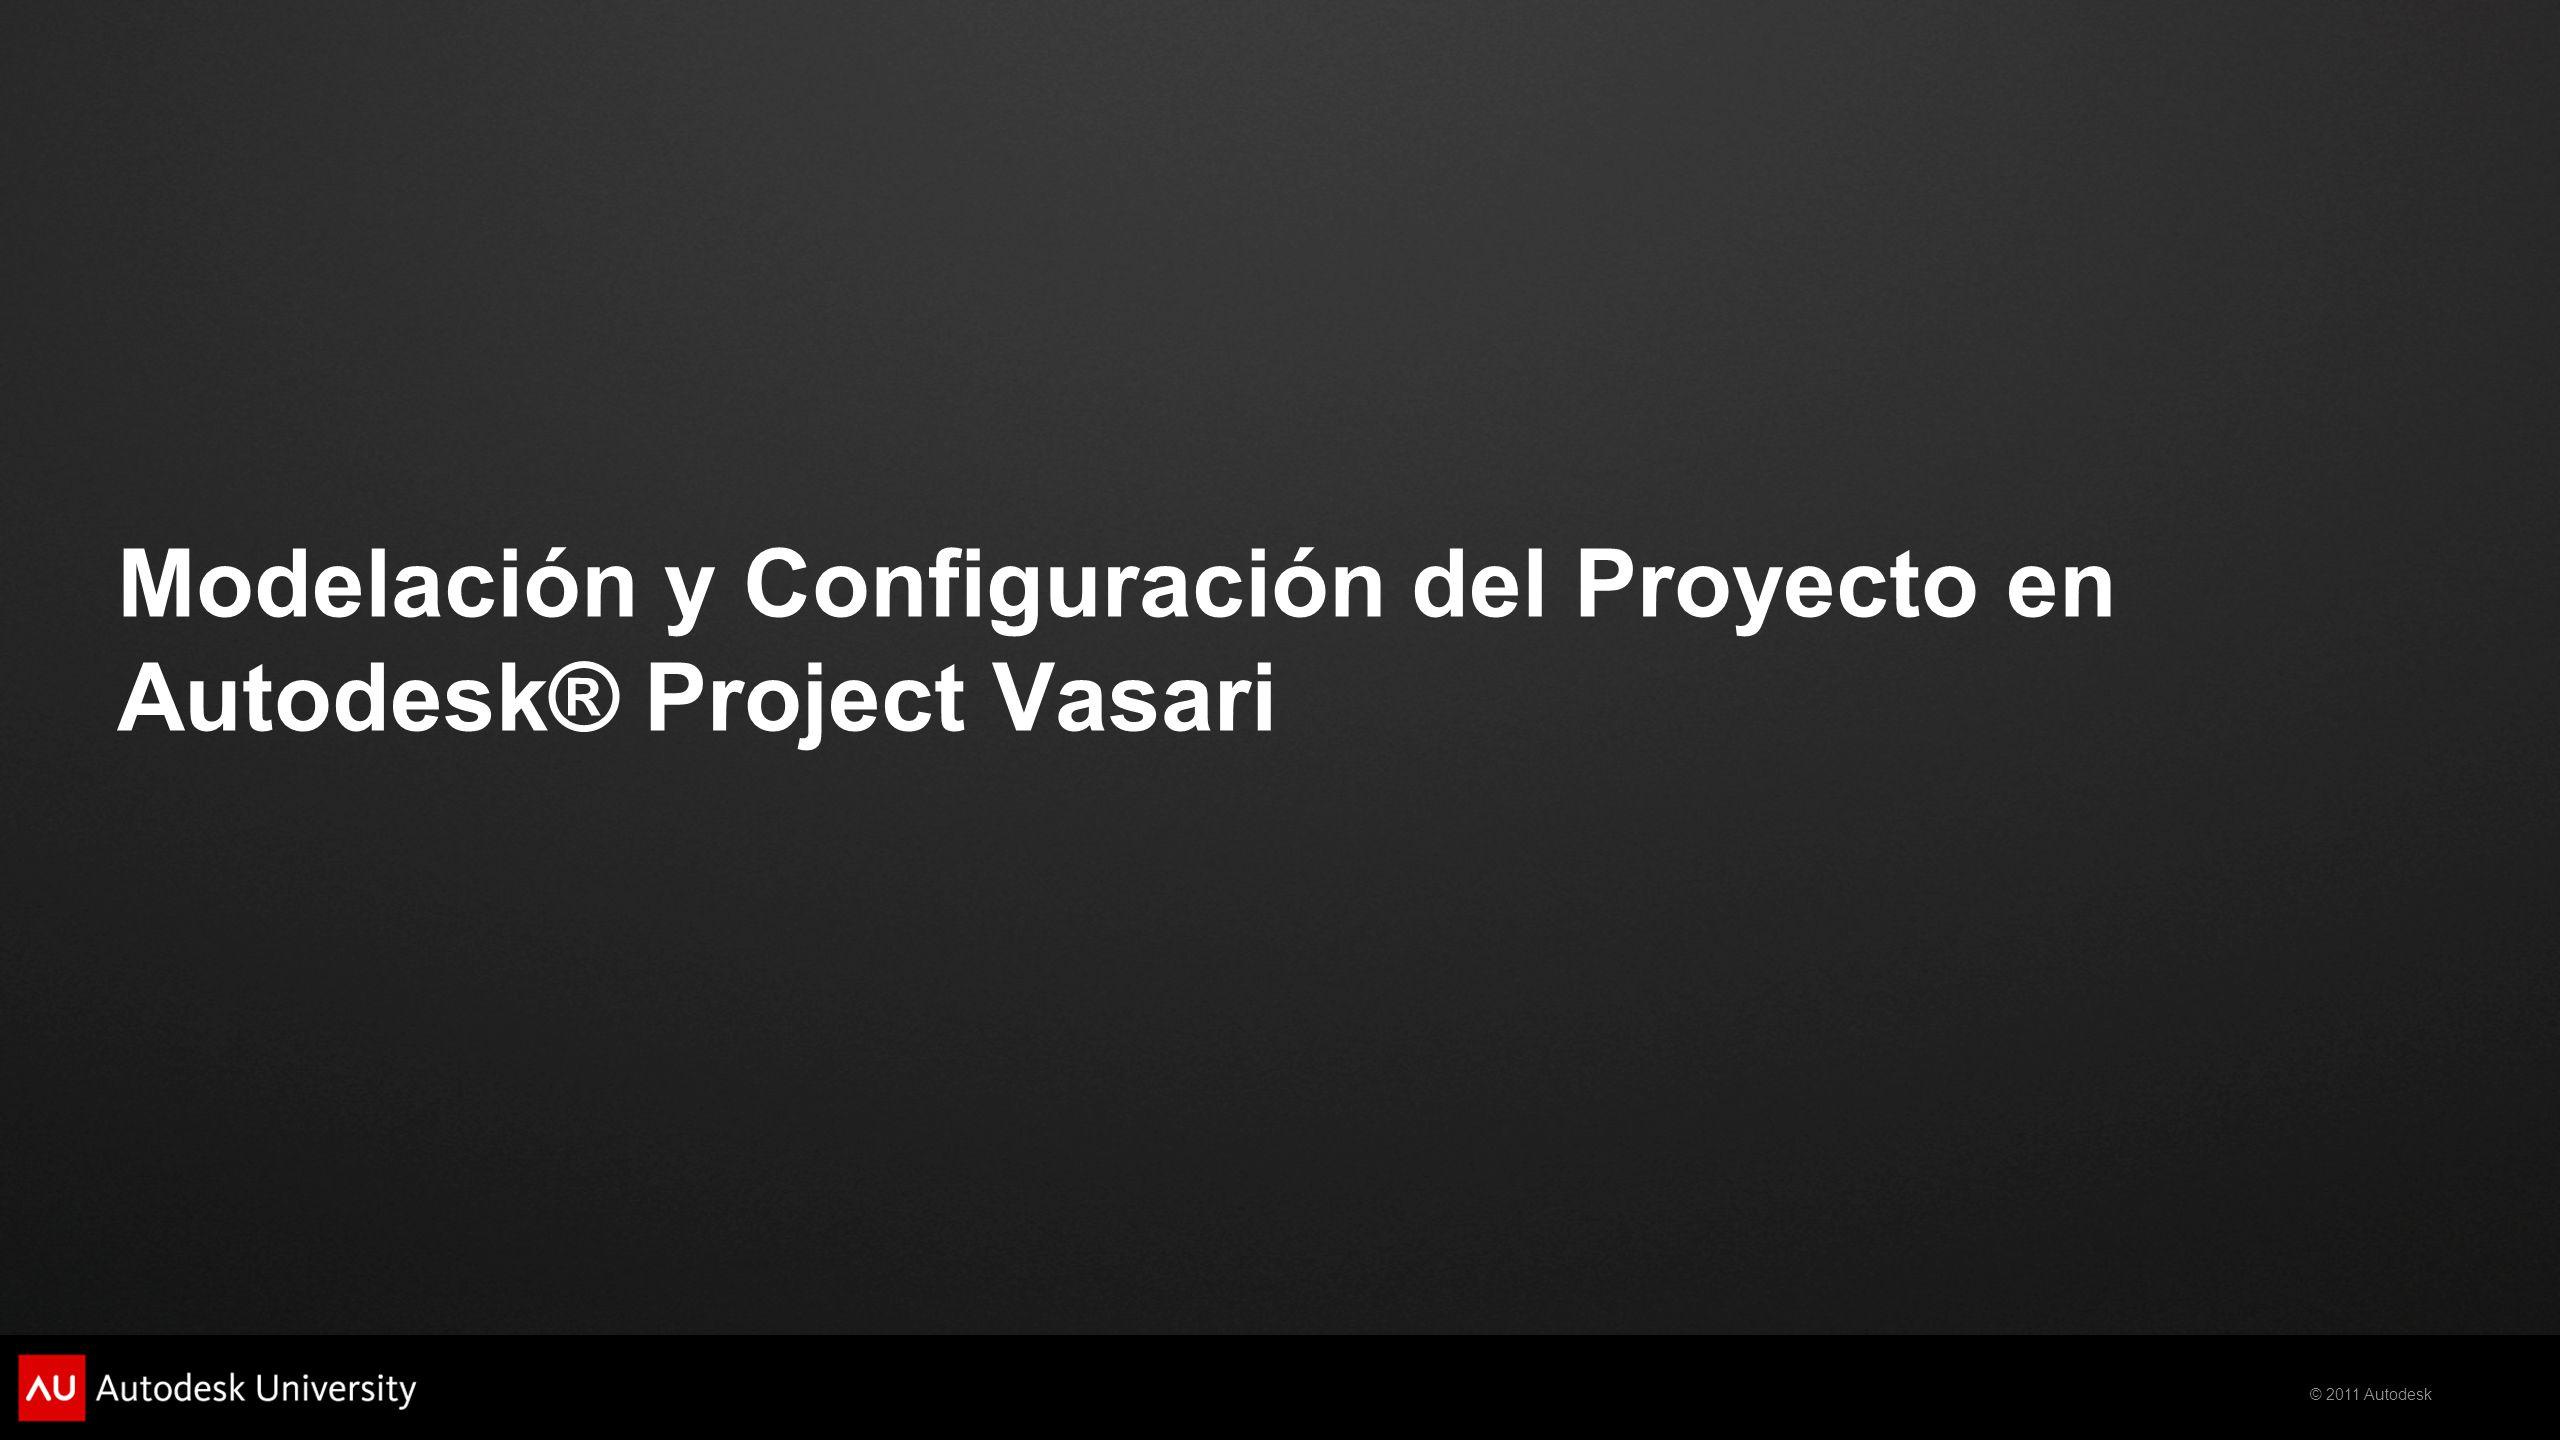 Modelación y Configuración del Proyecto en Autodesk® Project Vasari